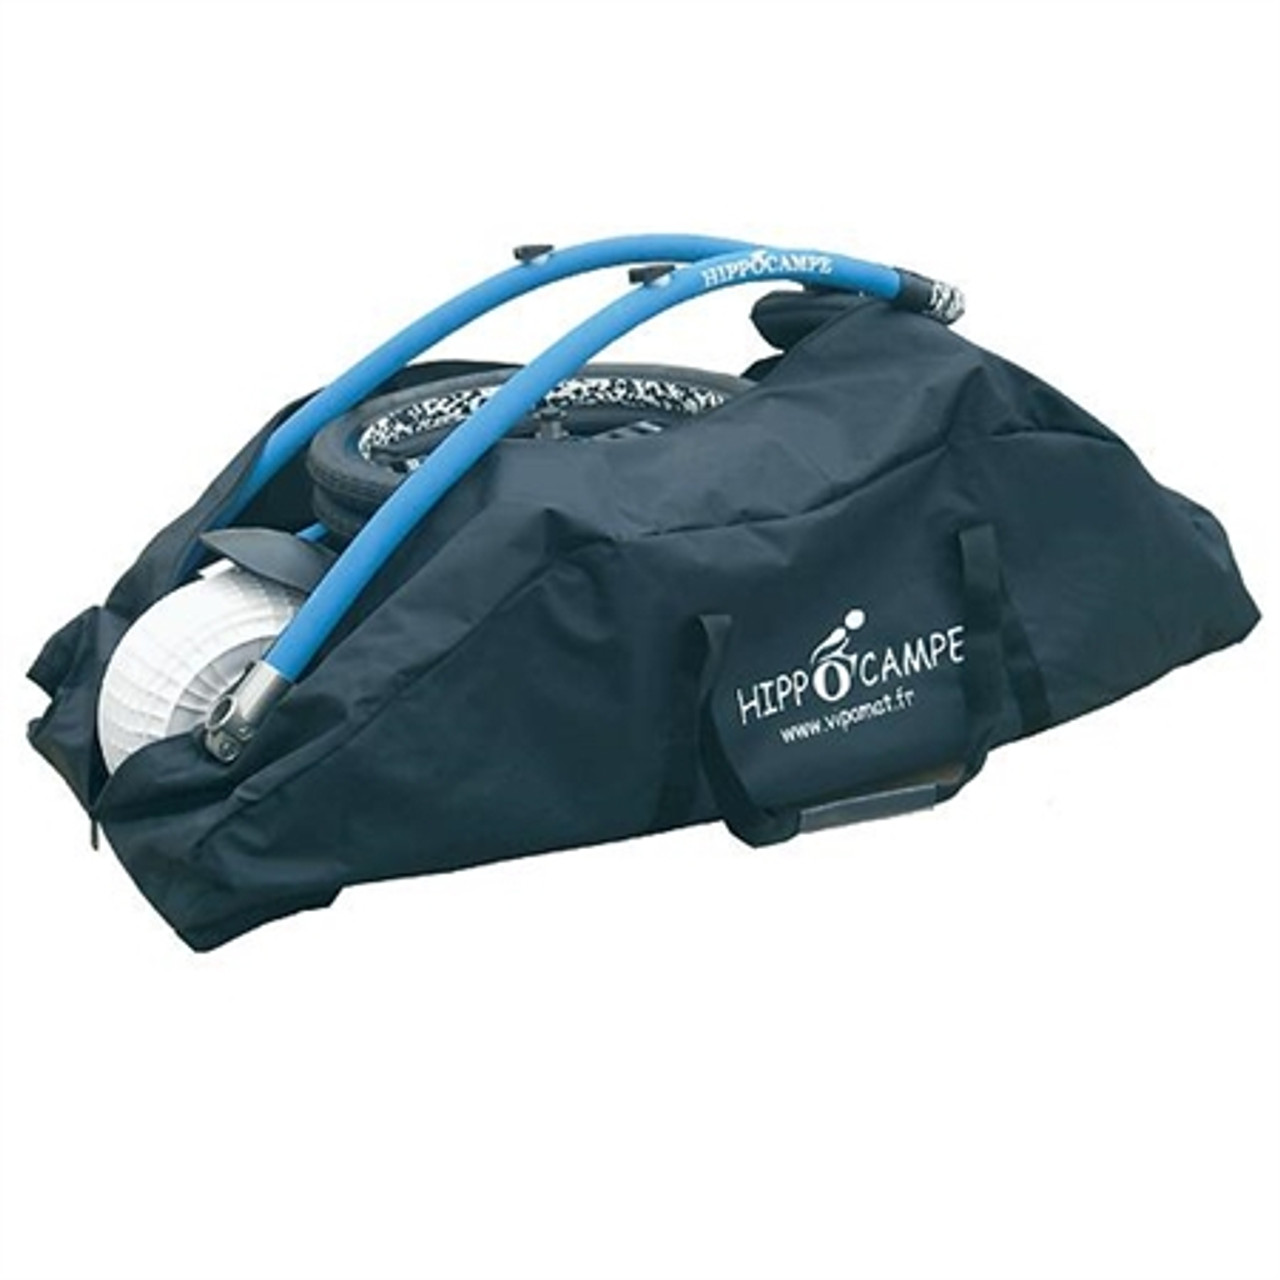 Hippocampe Transport Bag